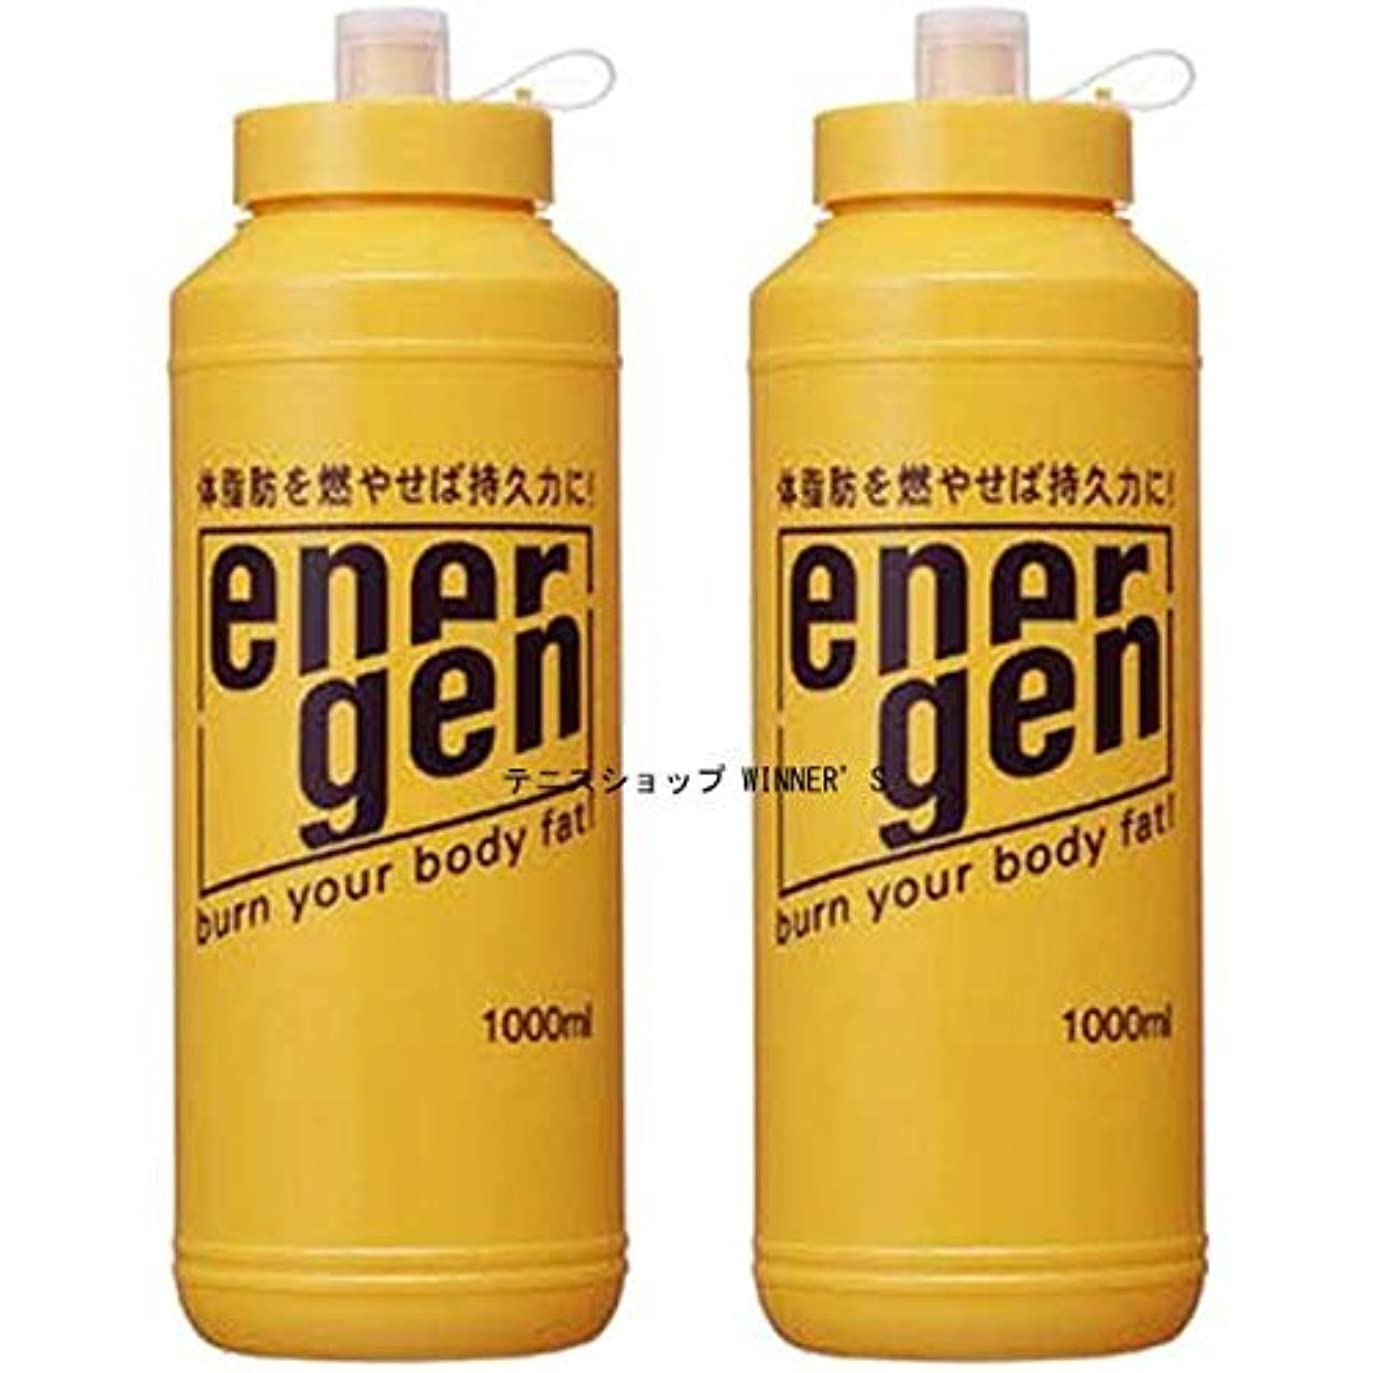 怒っているミシン明らかに大塚製薬 エネルゲン スクイズボトル 1L用×2本 2本セット 55651-2SET